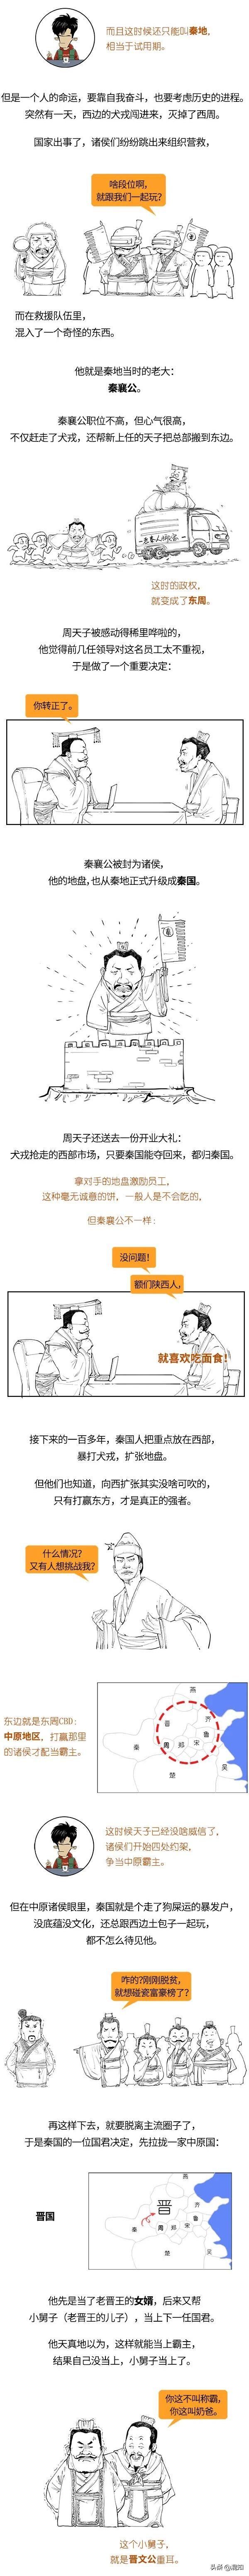 追大秦赋之前,快恶补下秦国历史